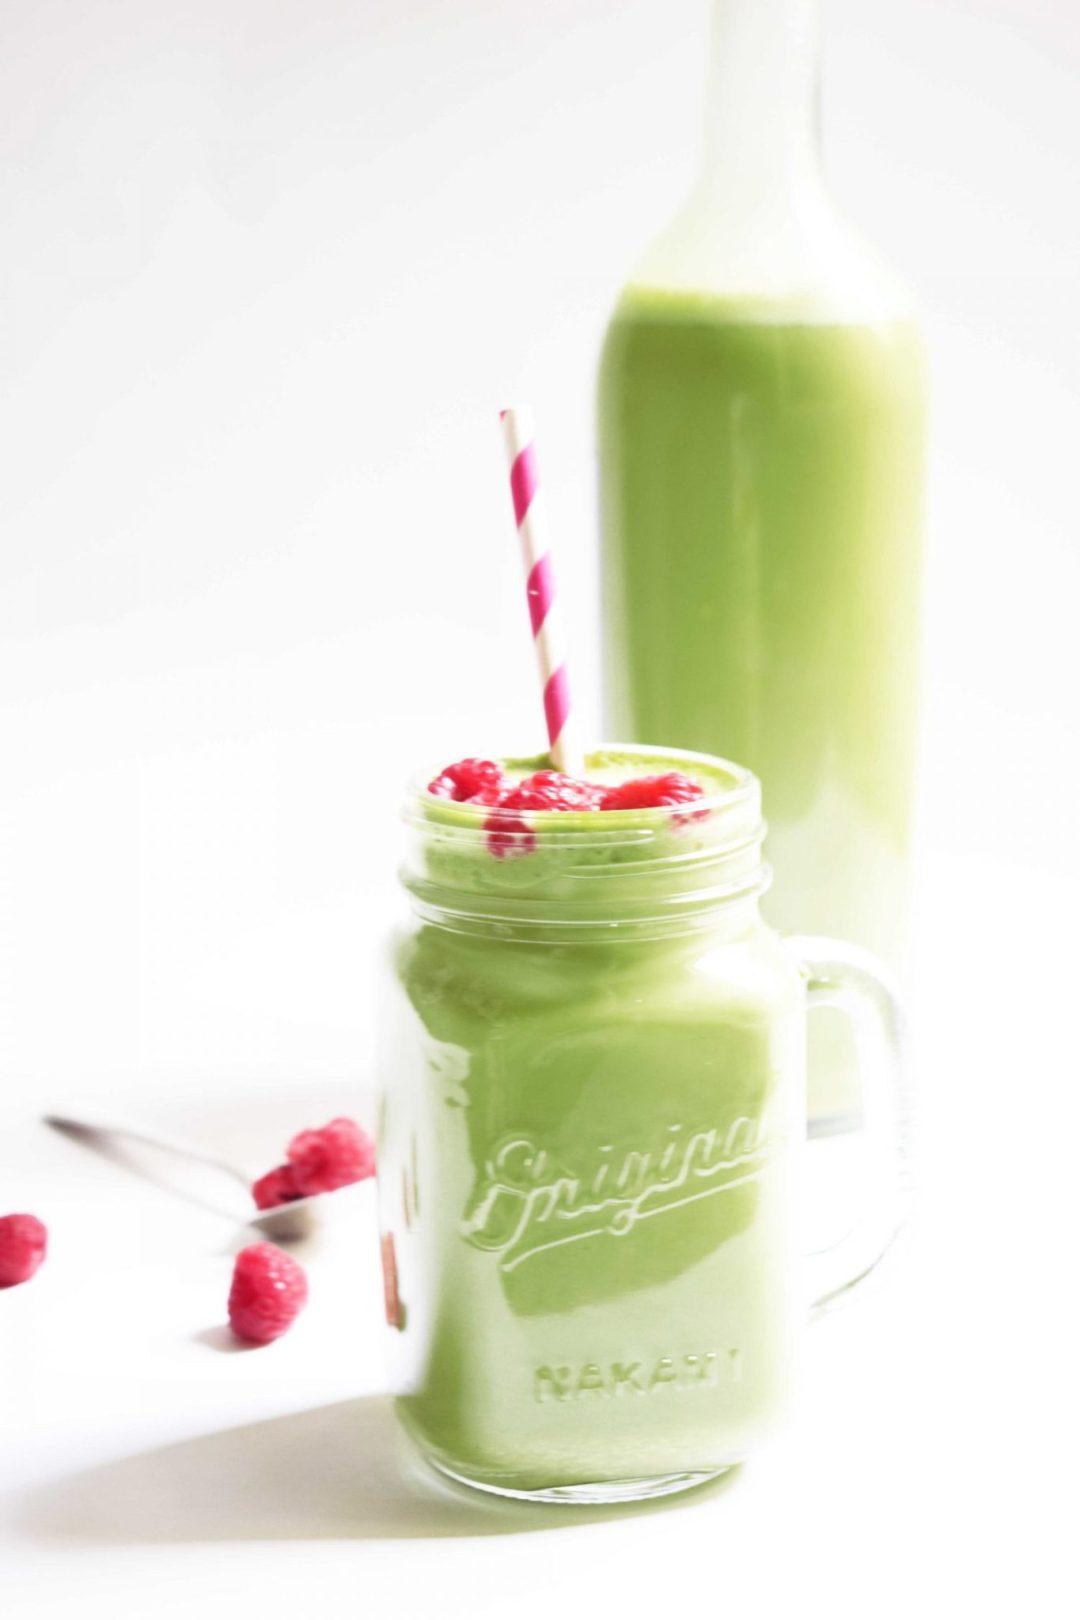 Smoothie-Té-Matcha-y-plátano-granizado-para-adelgazar-veganogreen-smoothie-Té-matcha-smoothie-DSC_0043